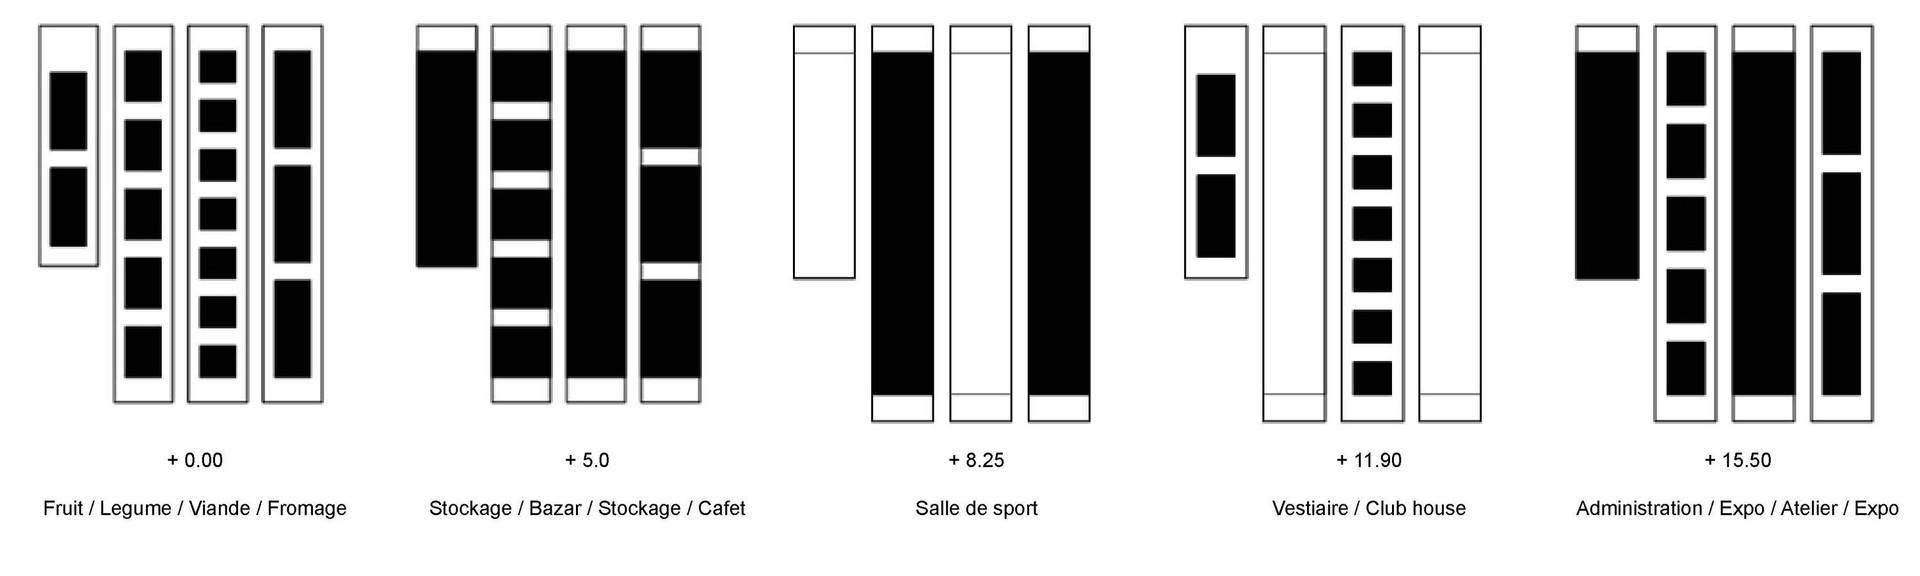 Schémas de composition